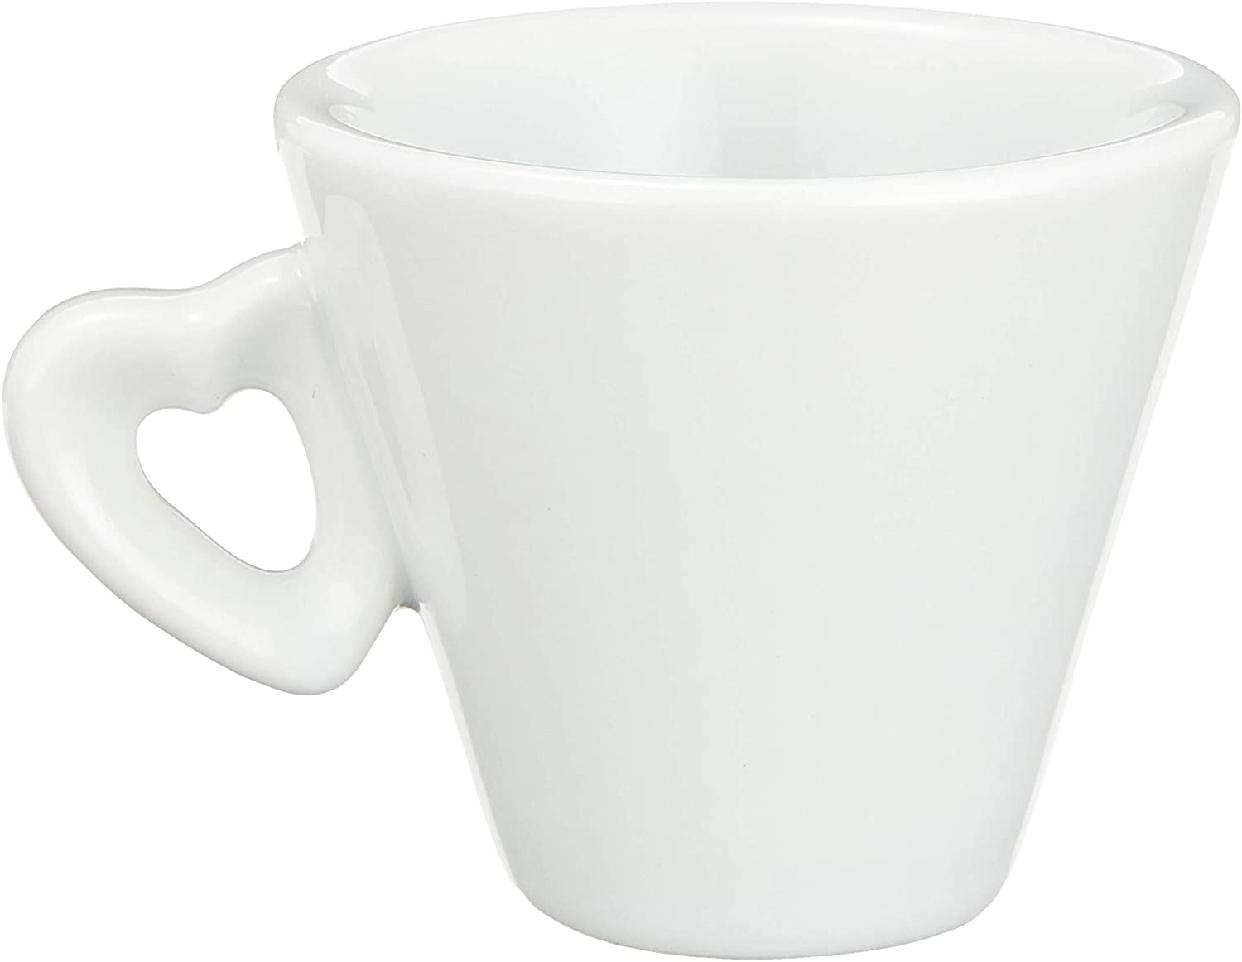 Nuova Point(ヌォーバポイント) エスプレッソカップ クォーレ NP02CUの商品画像2